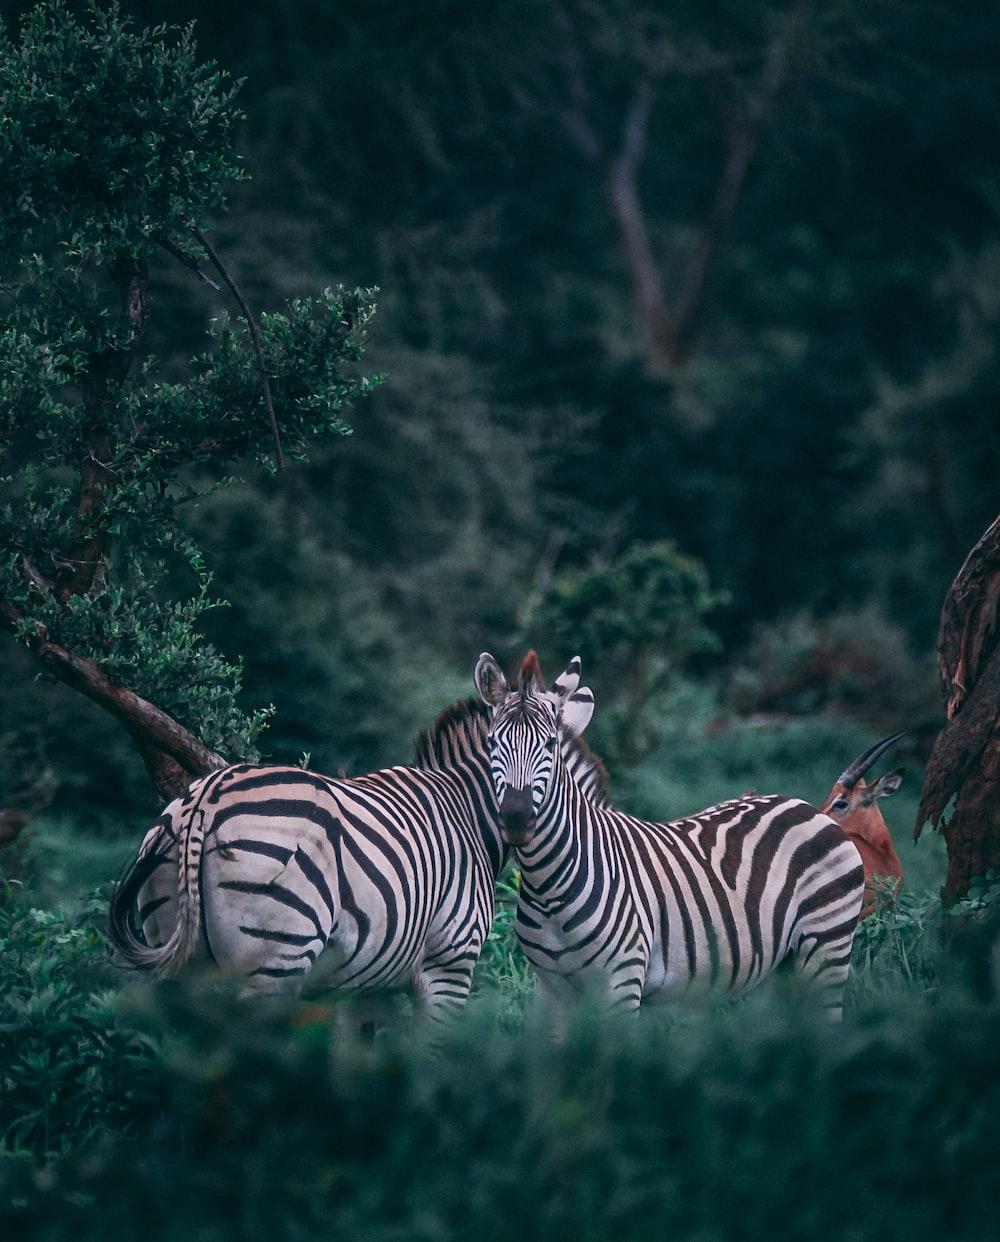 two zebras on grass field